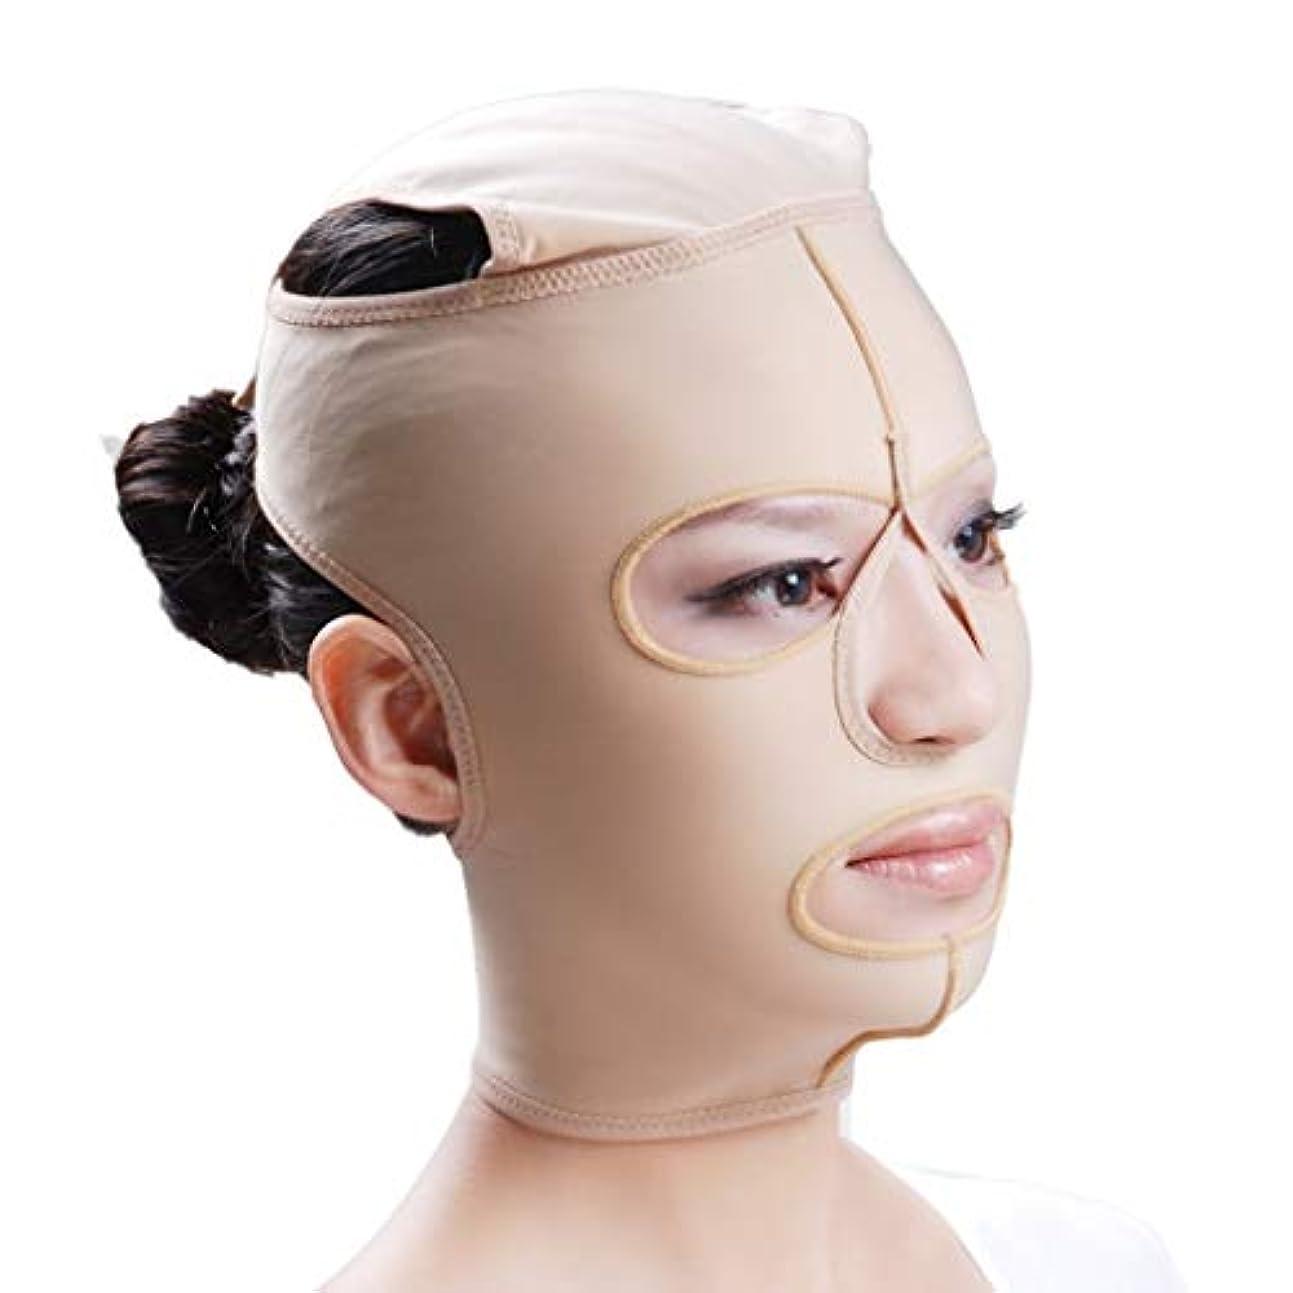 レインコート頑固な量フェイスリフトマスク、フルフェイスマスク後の顔の脂肪吸引医療グレードの圧力顔ダブルチンプラスチック脂肪吸引弾性包帯ヘッドギアマルチコードオプション (Size : S)